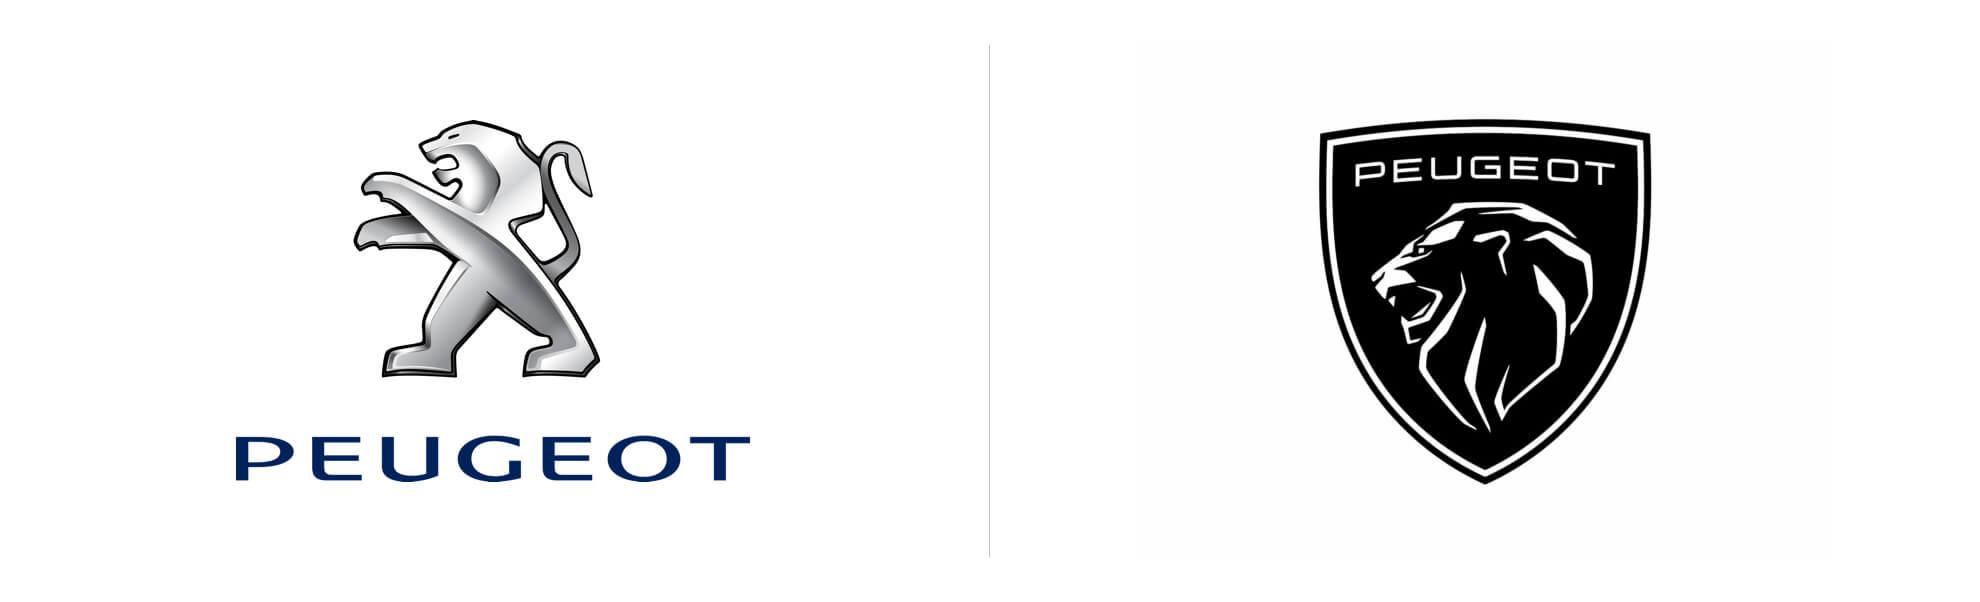 Peugeot odświeża znak